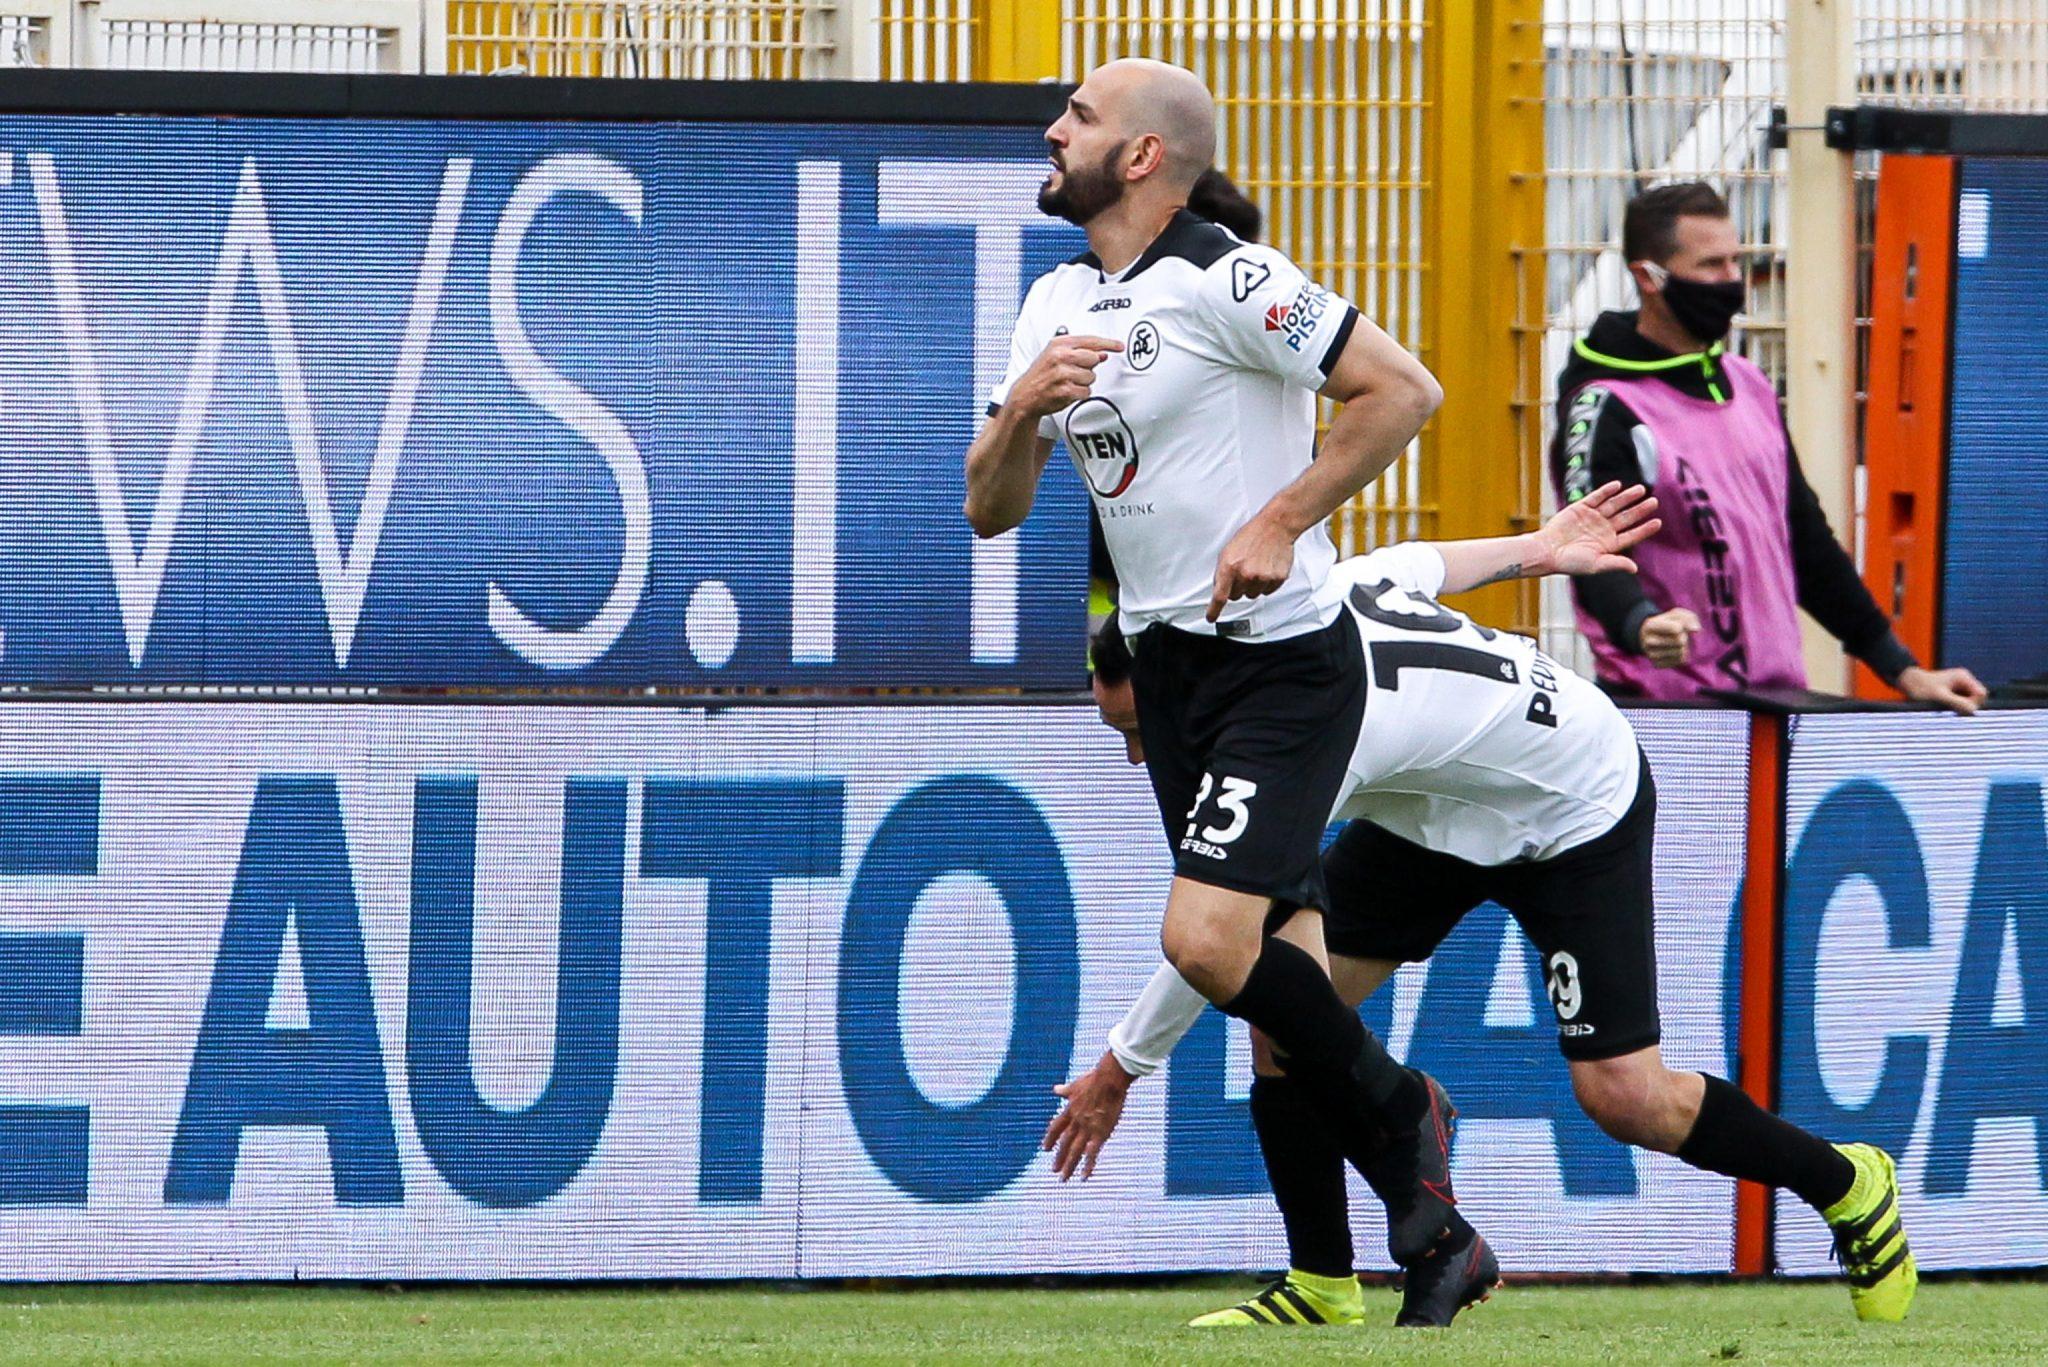 Spezia Torino 4 1, le pagelle: la squadra di Italiano in Paradiso, i granata rischiano l'inferno